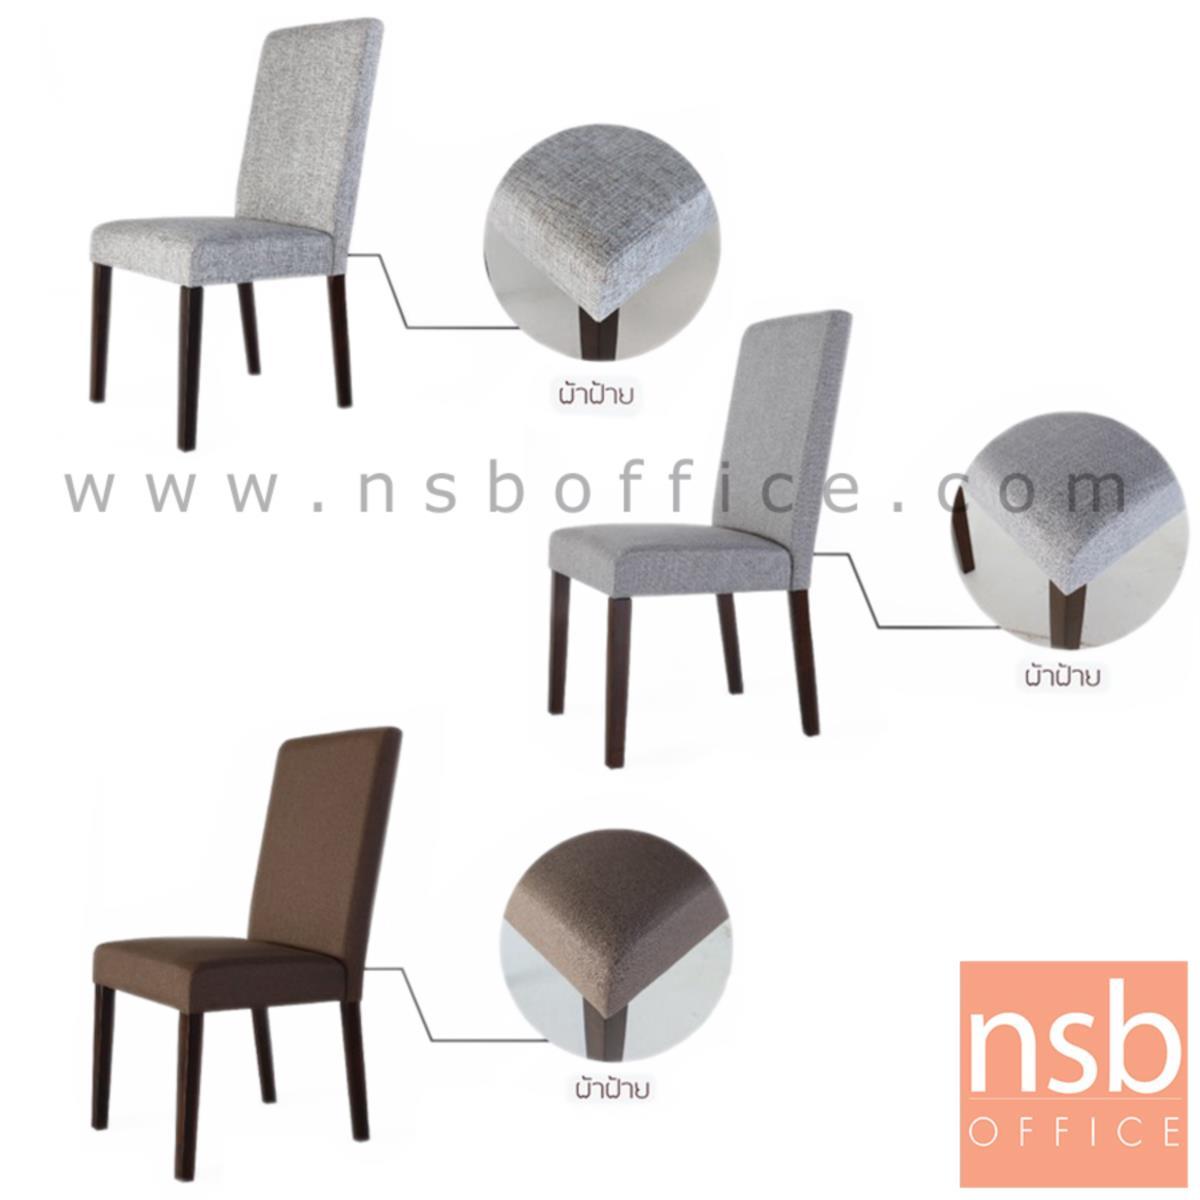 เก้าอี้ไม้ที่นั่งหุ้มผ้า รุ่น SESBAN (ซีสบัน)  ขาไม้